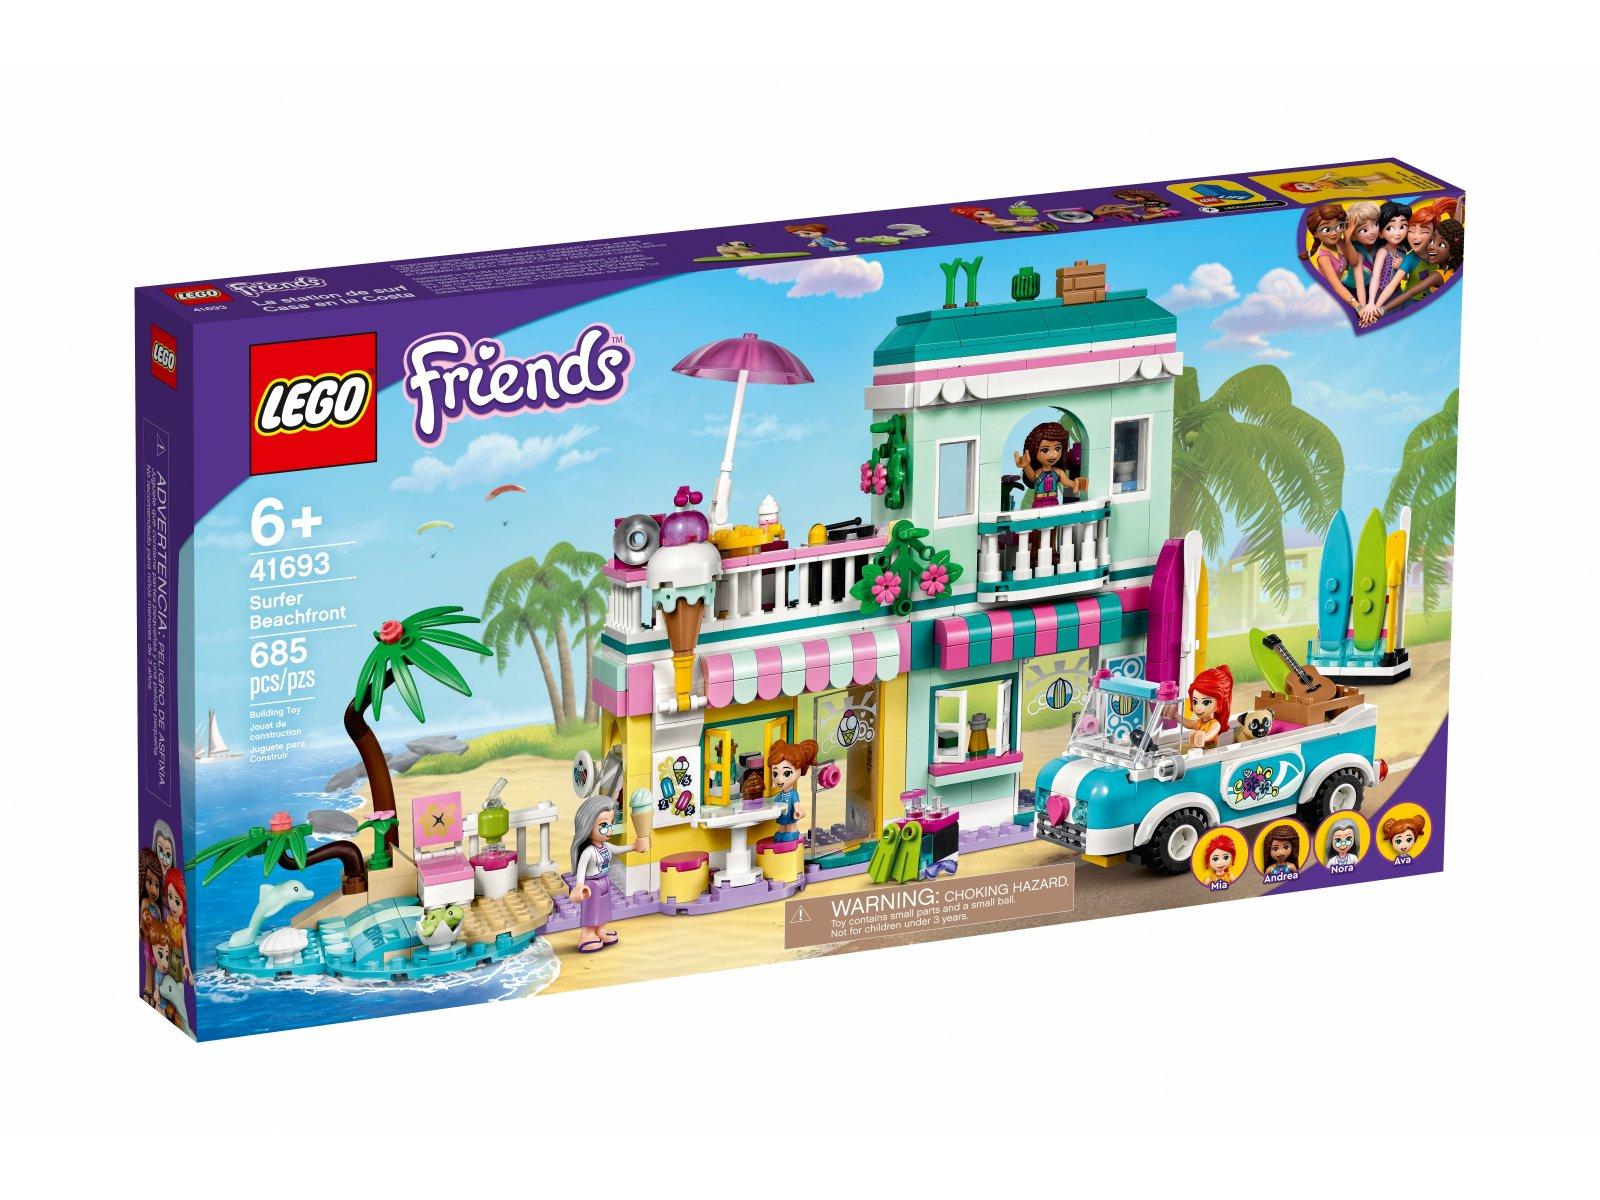 LEGO Friends Nabrzeże surferów 41693